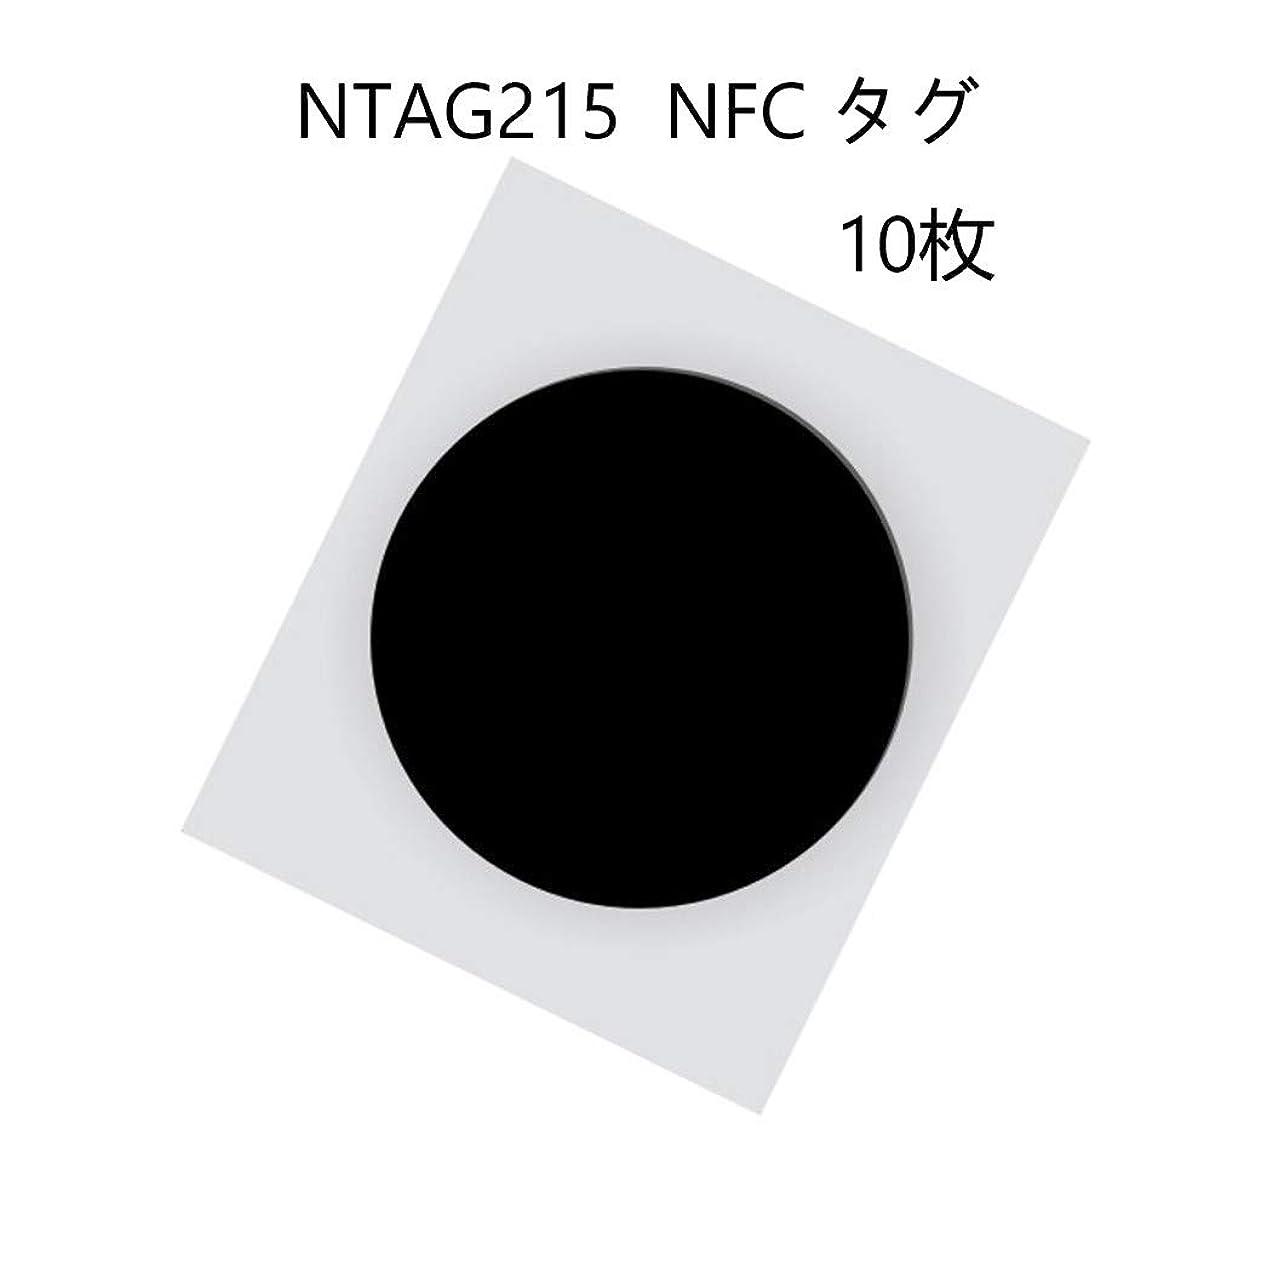 ほうき準備する最愛の10枚NFCタグntag215ラベル/黒い色/NFCタグステッカー/25 mm(1インチ)円形/504バイトメモリ/ すべてのNFC電話機との互換/TagMo、Amiibo Nintendo と互換性のある 。